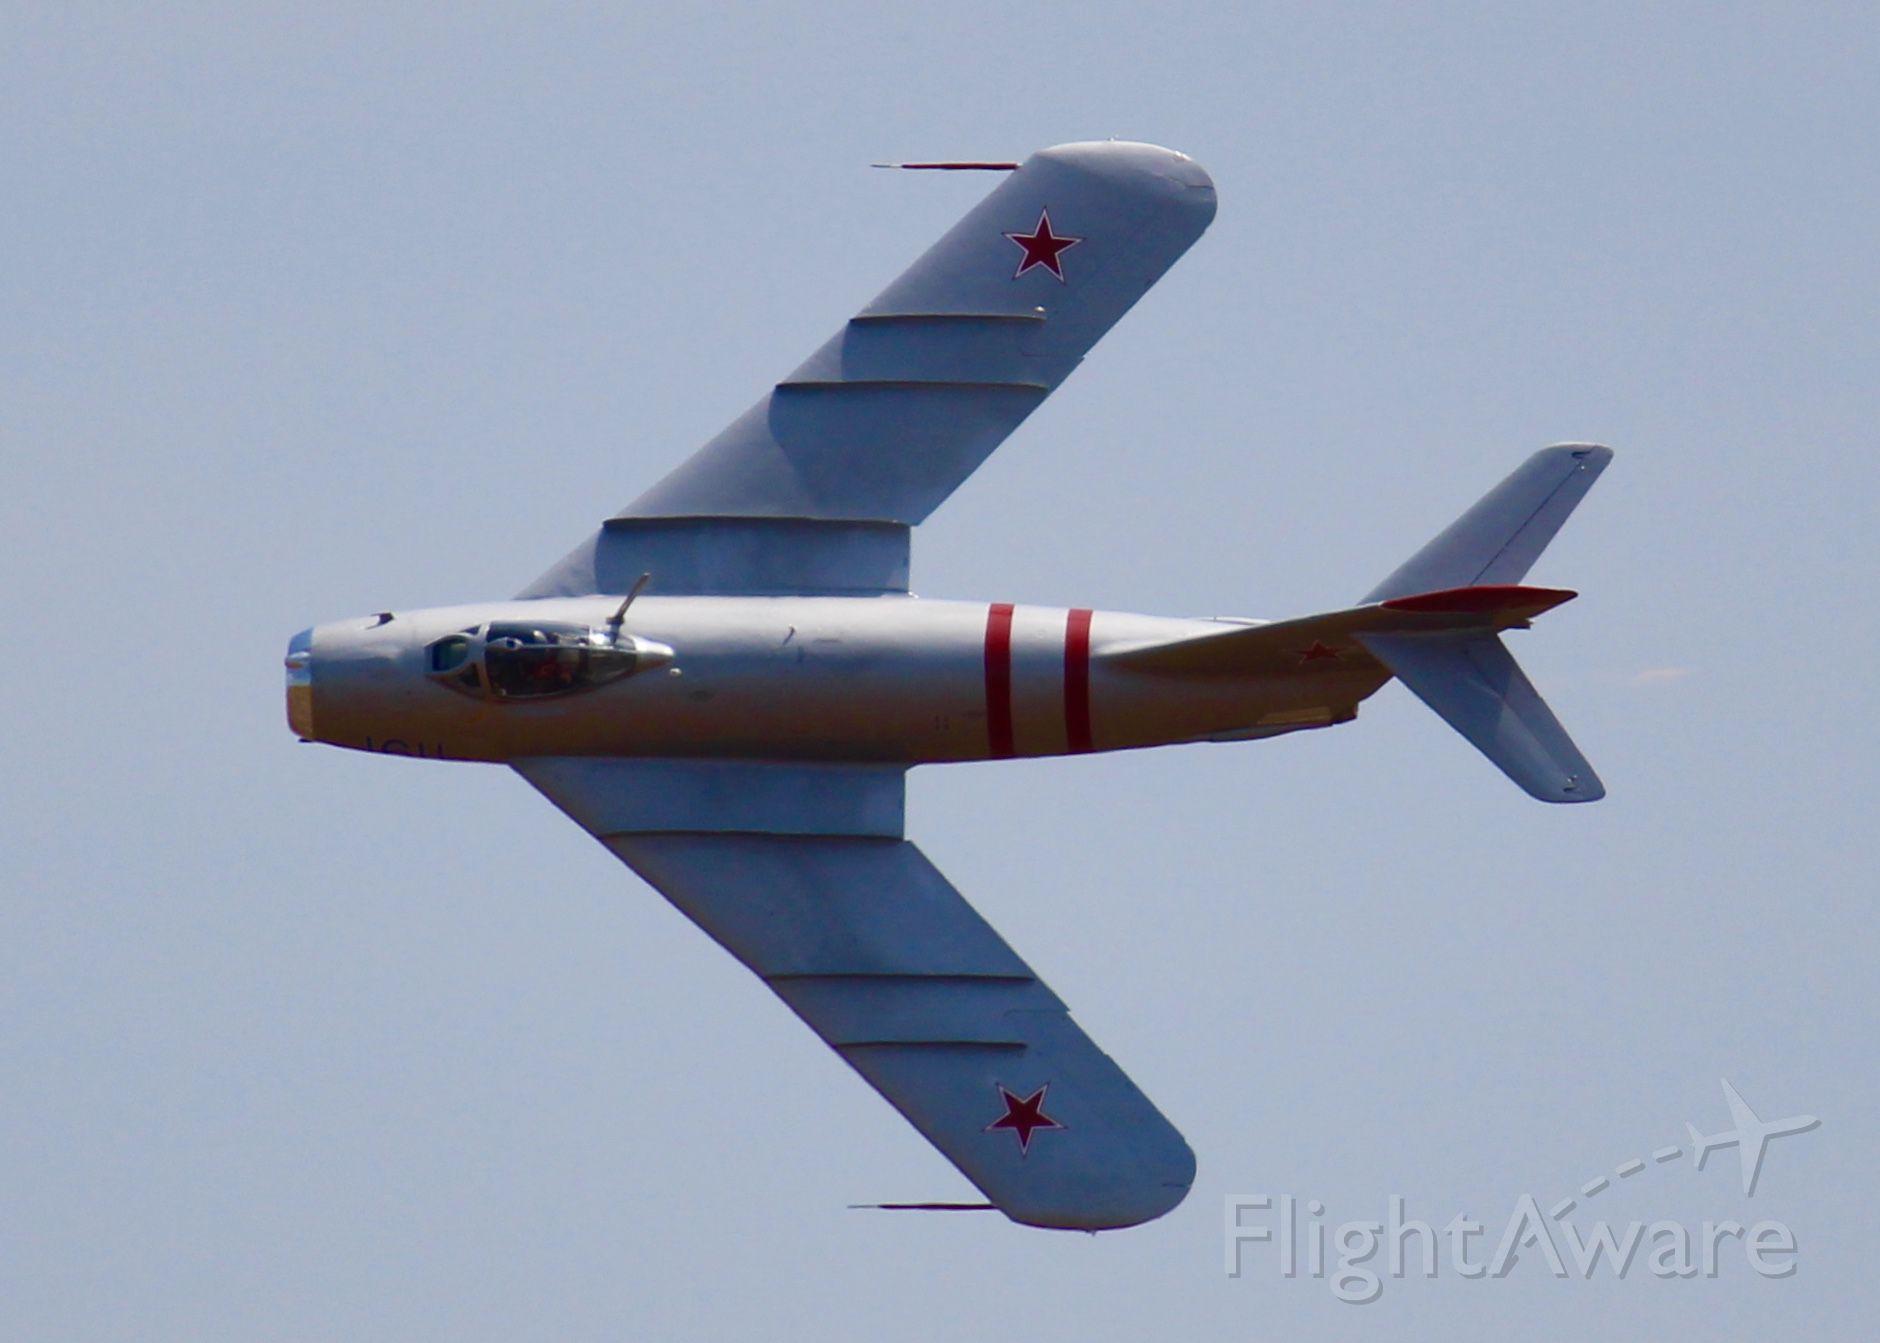 MIKOYAN MiG-17 (N217SH) - At Barksdale Air Force Base.